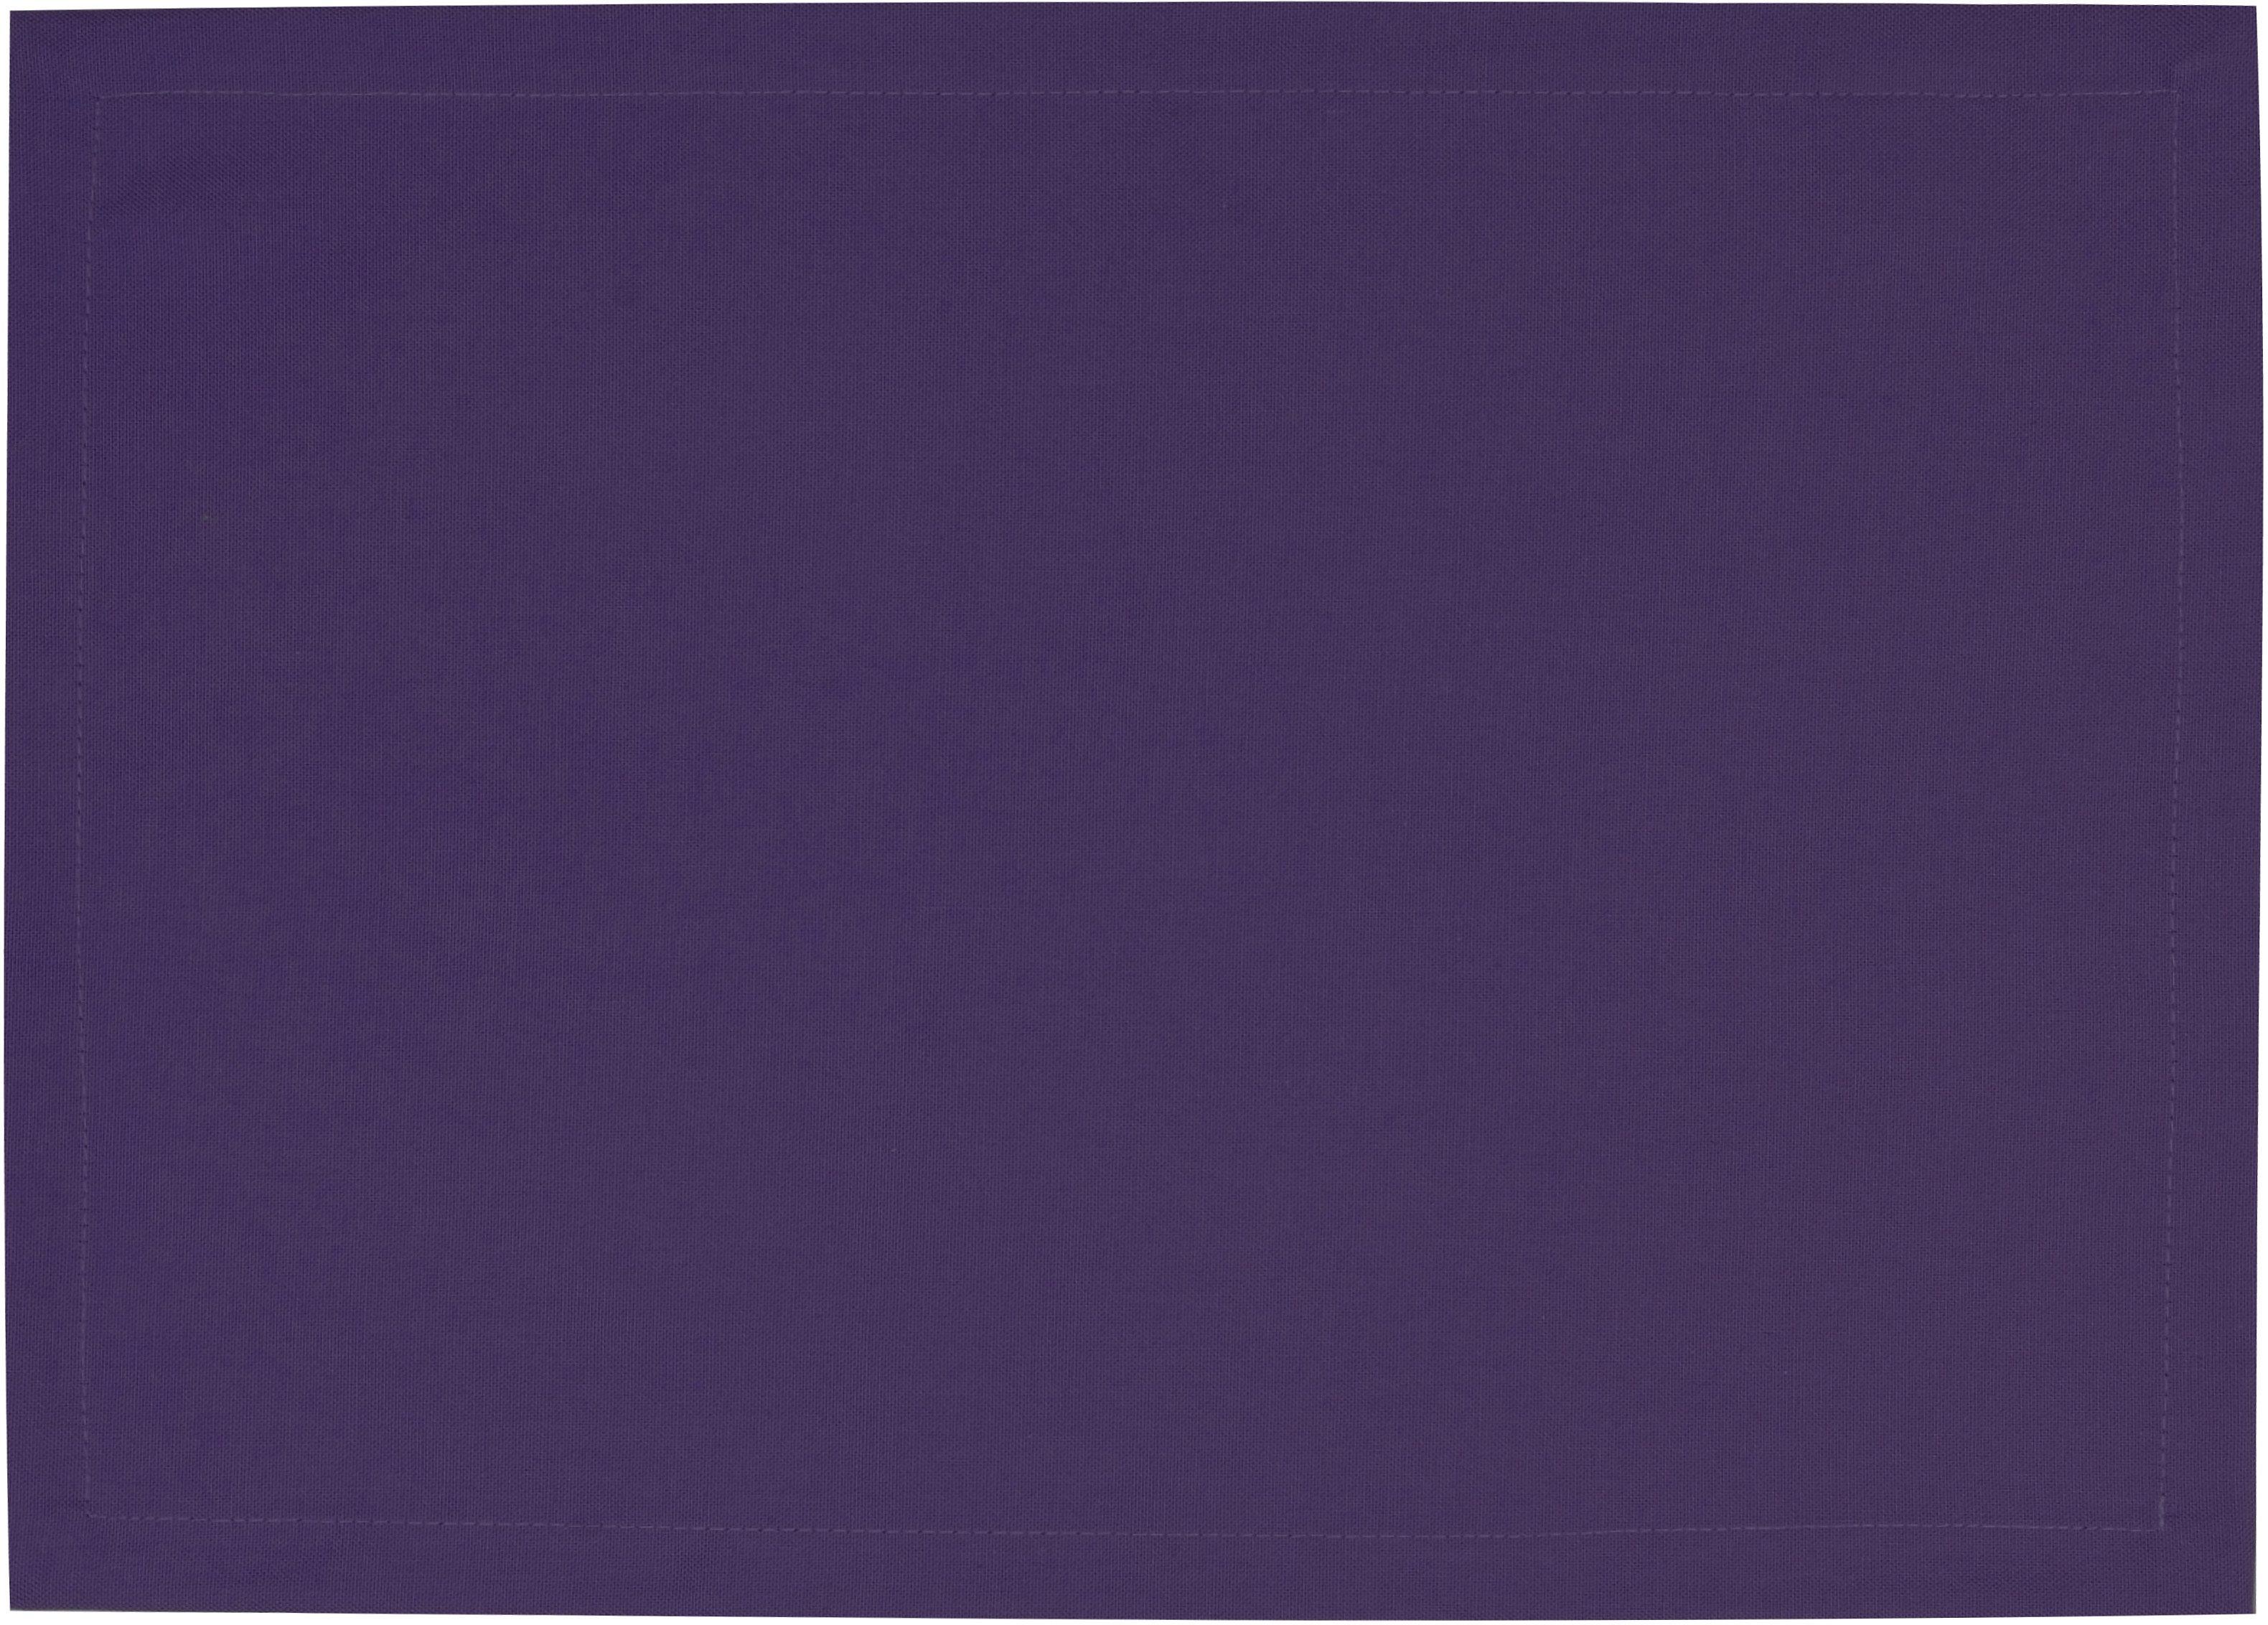 Tischset Dove (6er Pack) Tom Tailor lila 35x50 cm